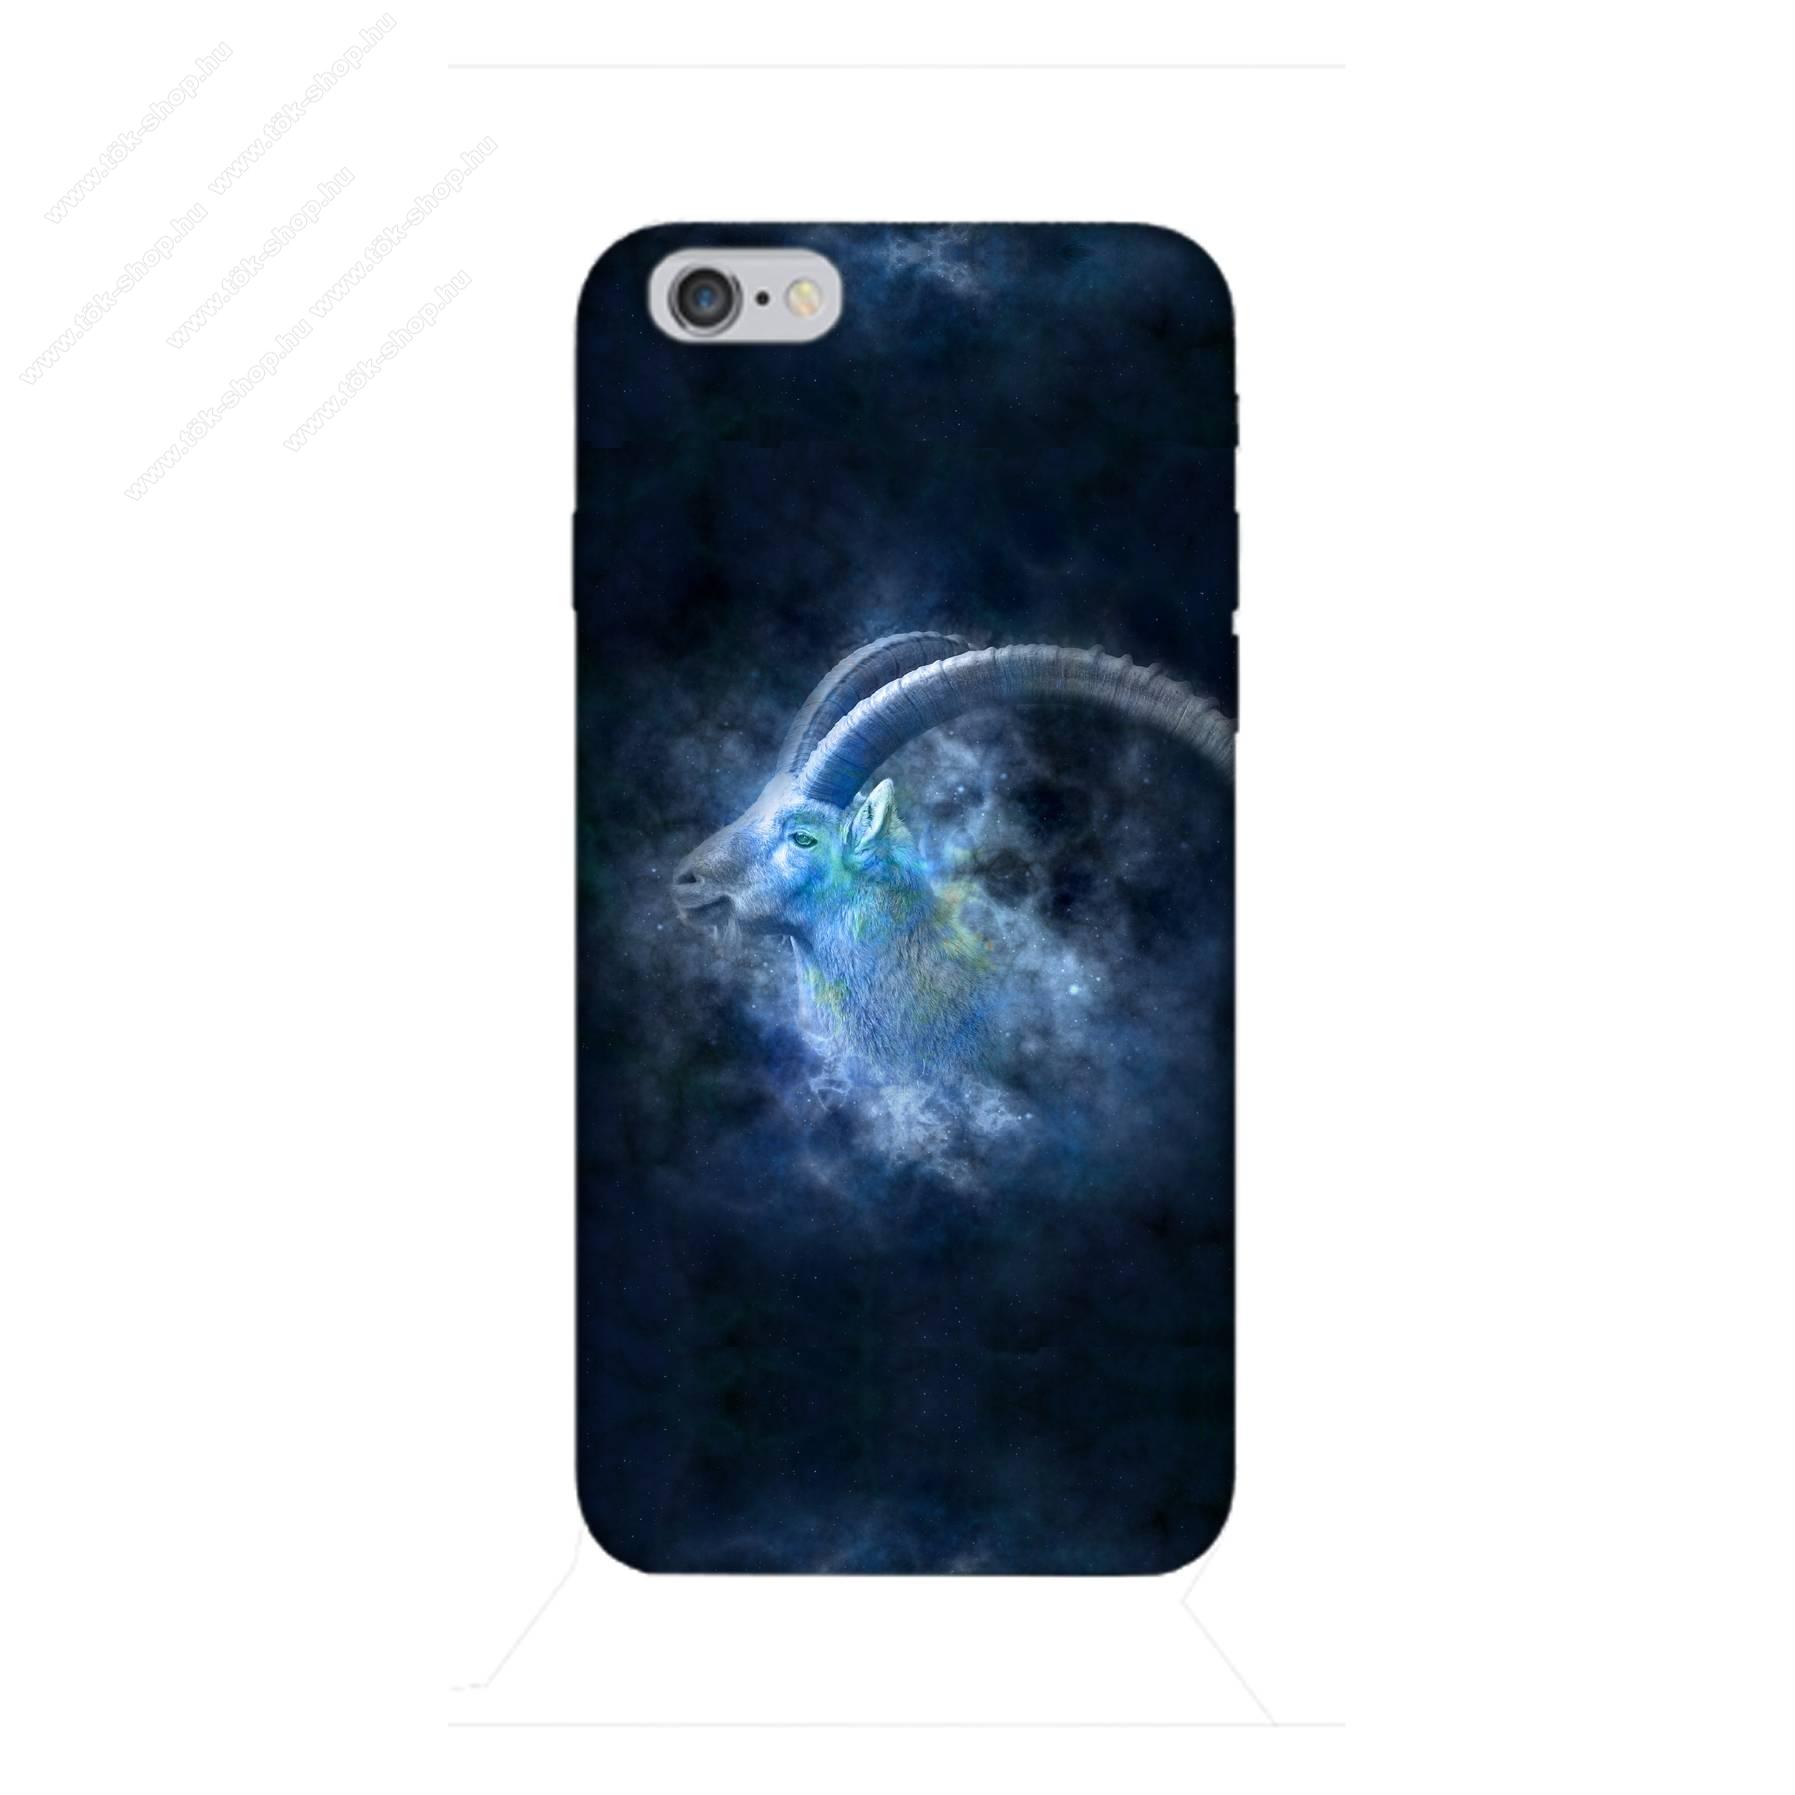 E-pic szilikon védő tok / hátlap - Horoszkóp, Bak mintás - APPLE iPhone 6 / APPLE iPhone 6s